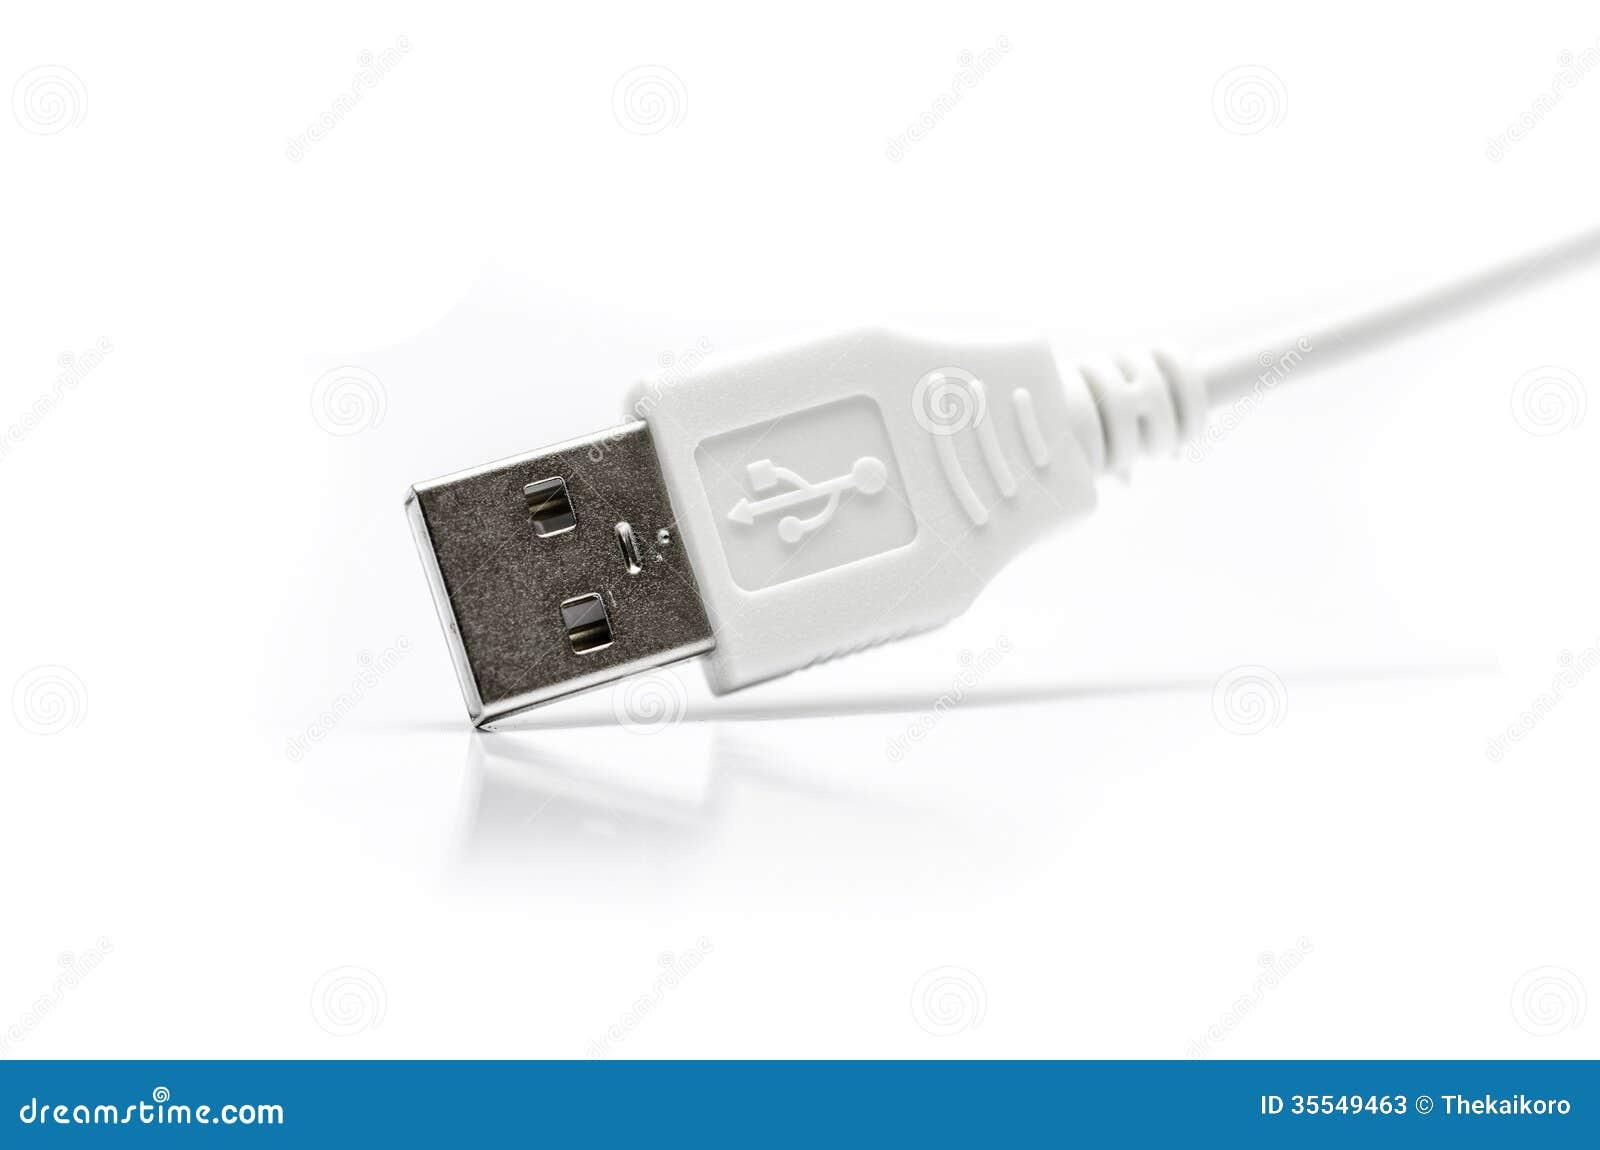 usb连接失败_i9000刷机失败 usb认不到_刷机失败usb连接断续